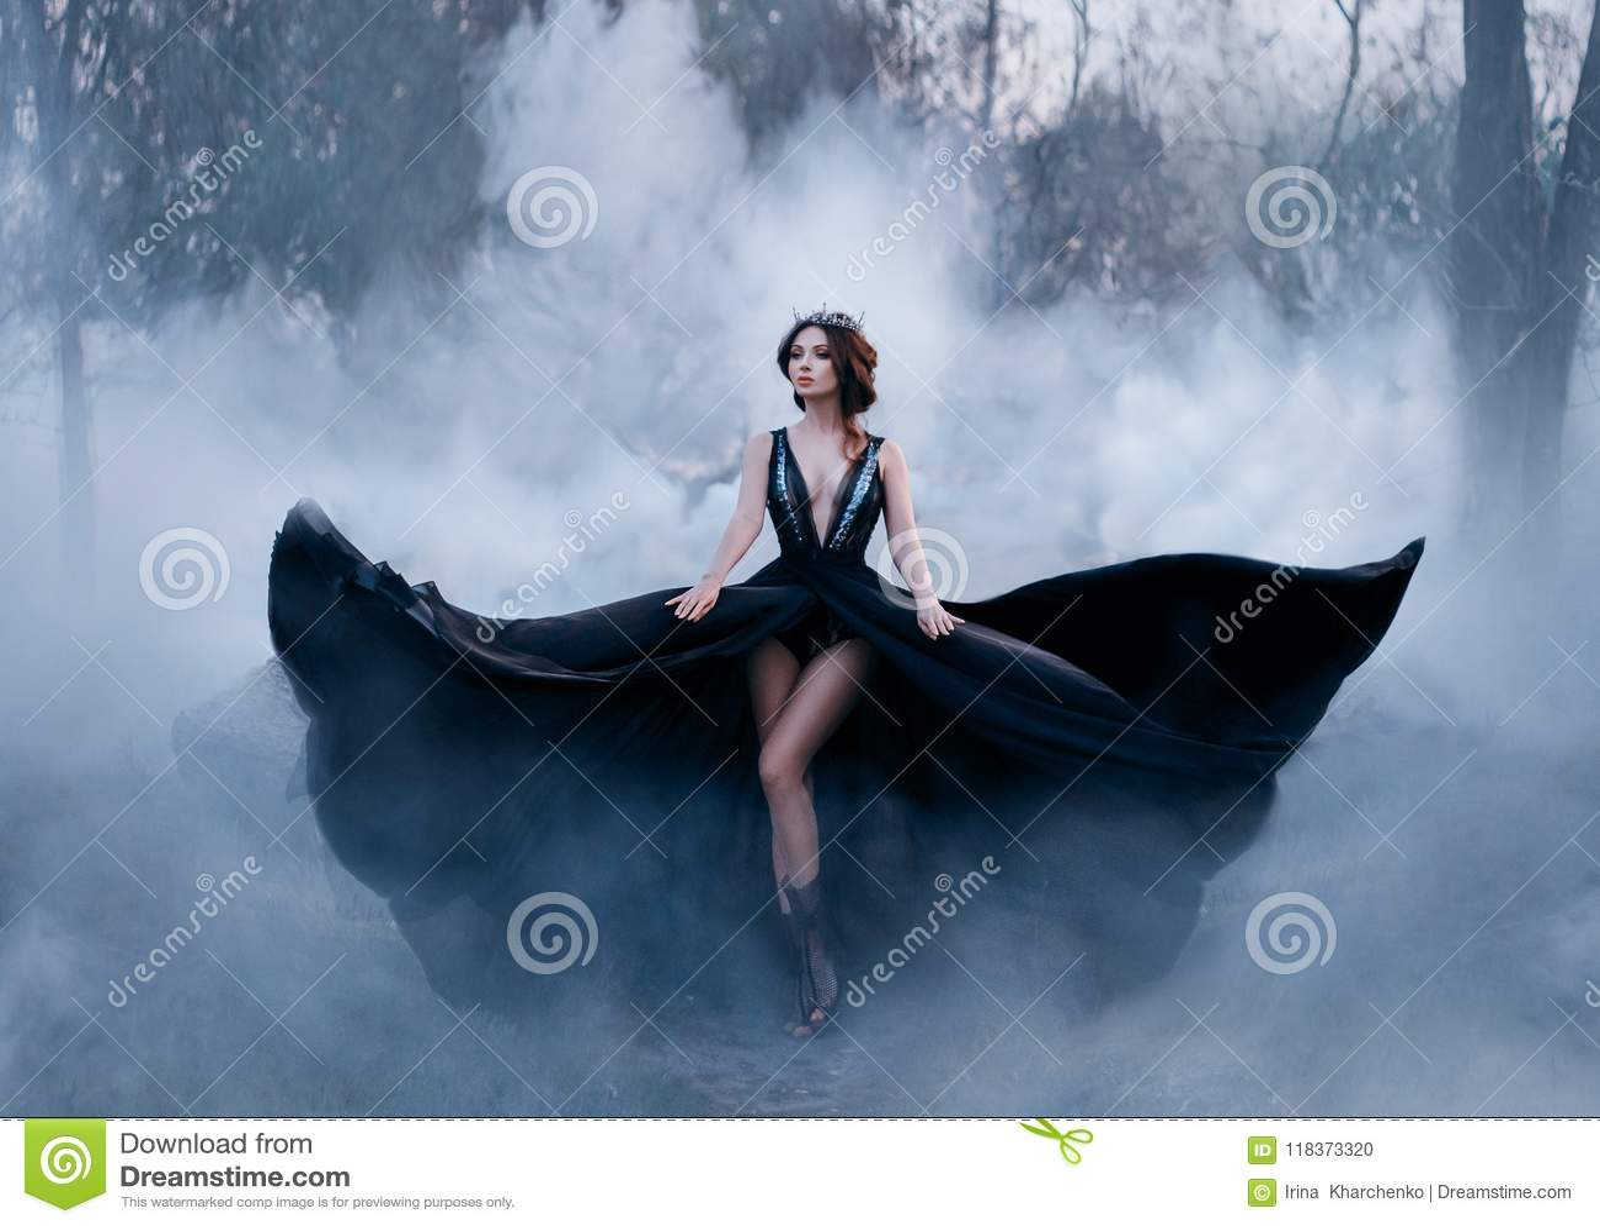 La reine foncée, avec de longues jambes nues, marche brouillard Une robe noire luxueuse évase dans différentes directions, comme